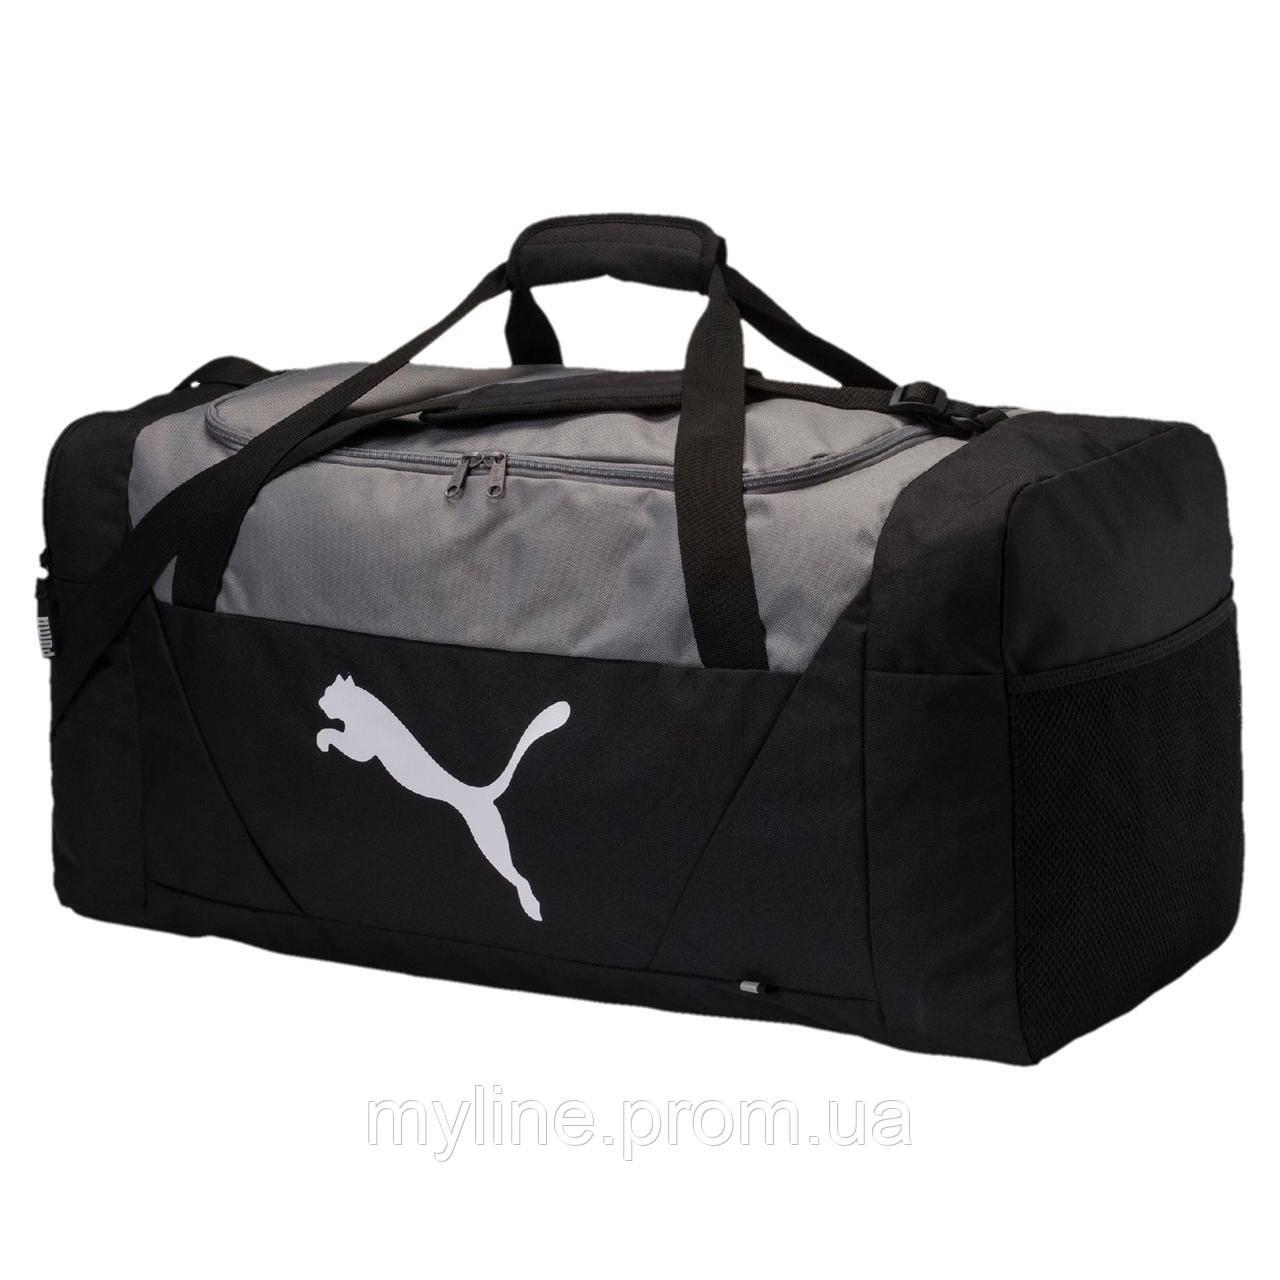 c8d9054445b7 Сумка Puma Fundamentals Sports Bag L (ОРИГИНАЛ) - МОЯ ЛИНИЯ™ ☆только  оригинальные